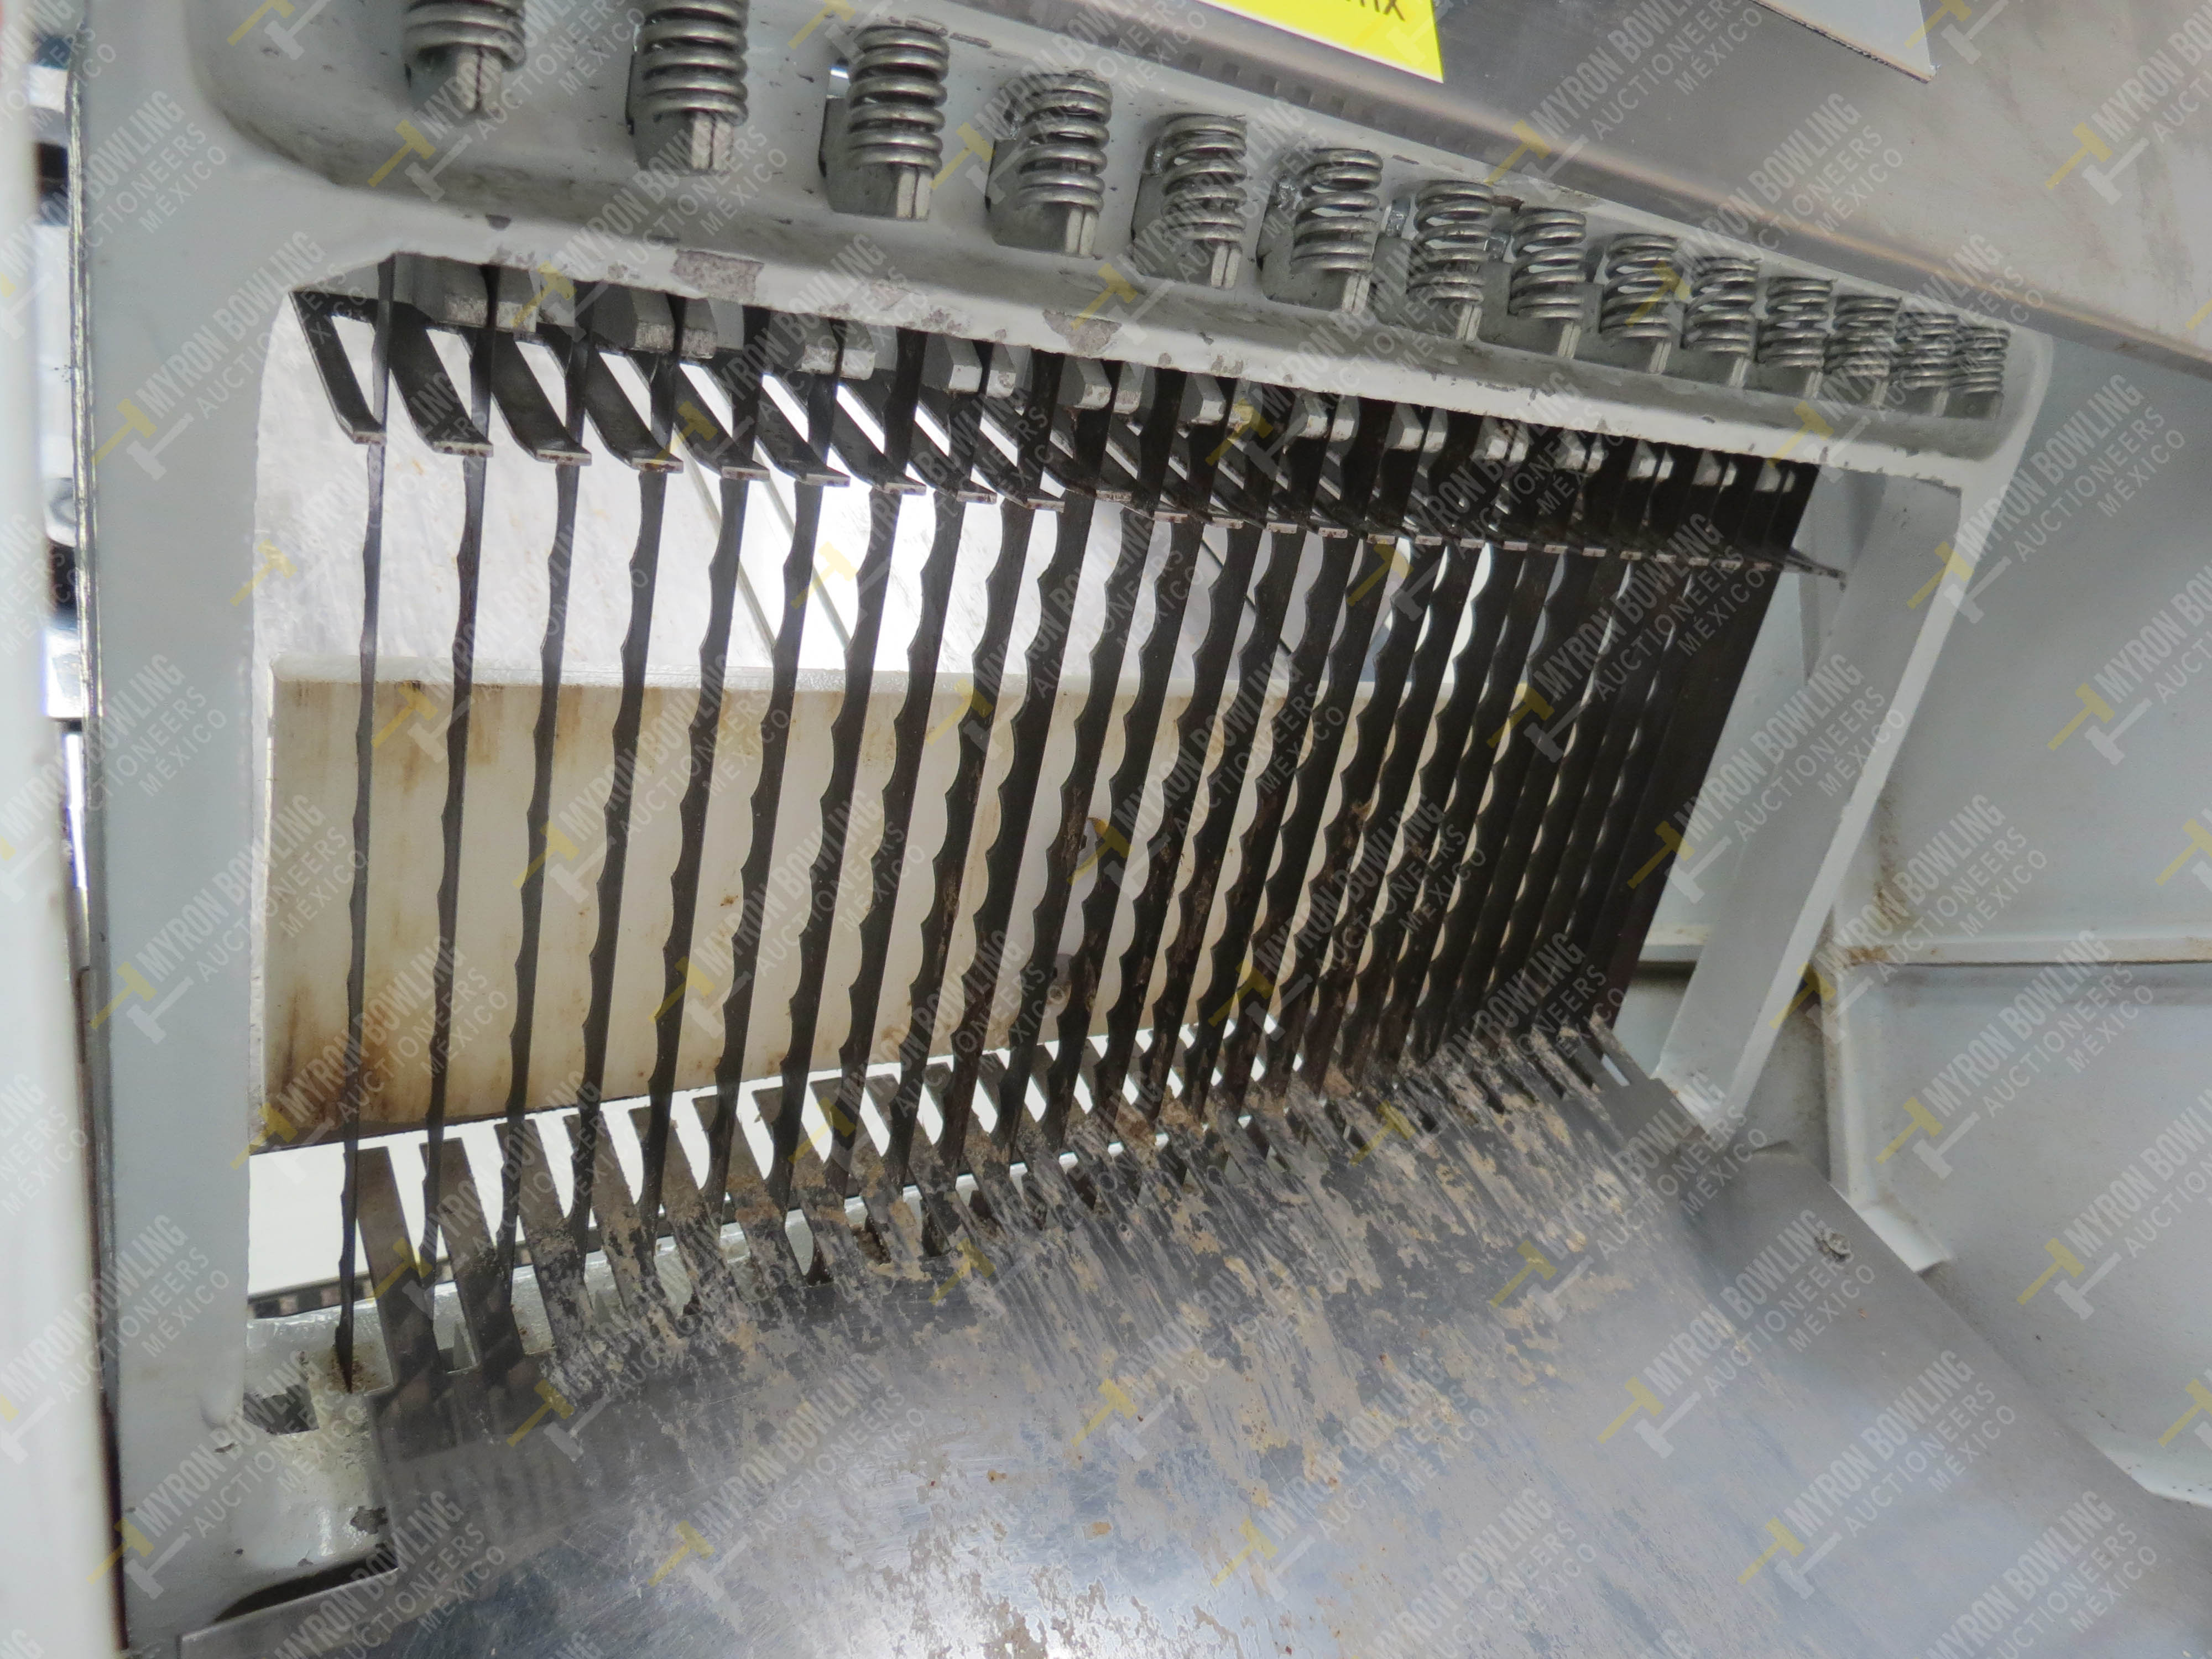 Rebanadora de pan de caja marca Inbest, Modelo 85081512, No. de Serie 639387, año 2006 - Image 4 of 5